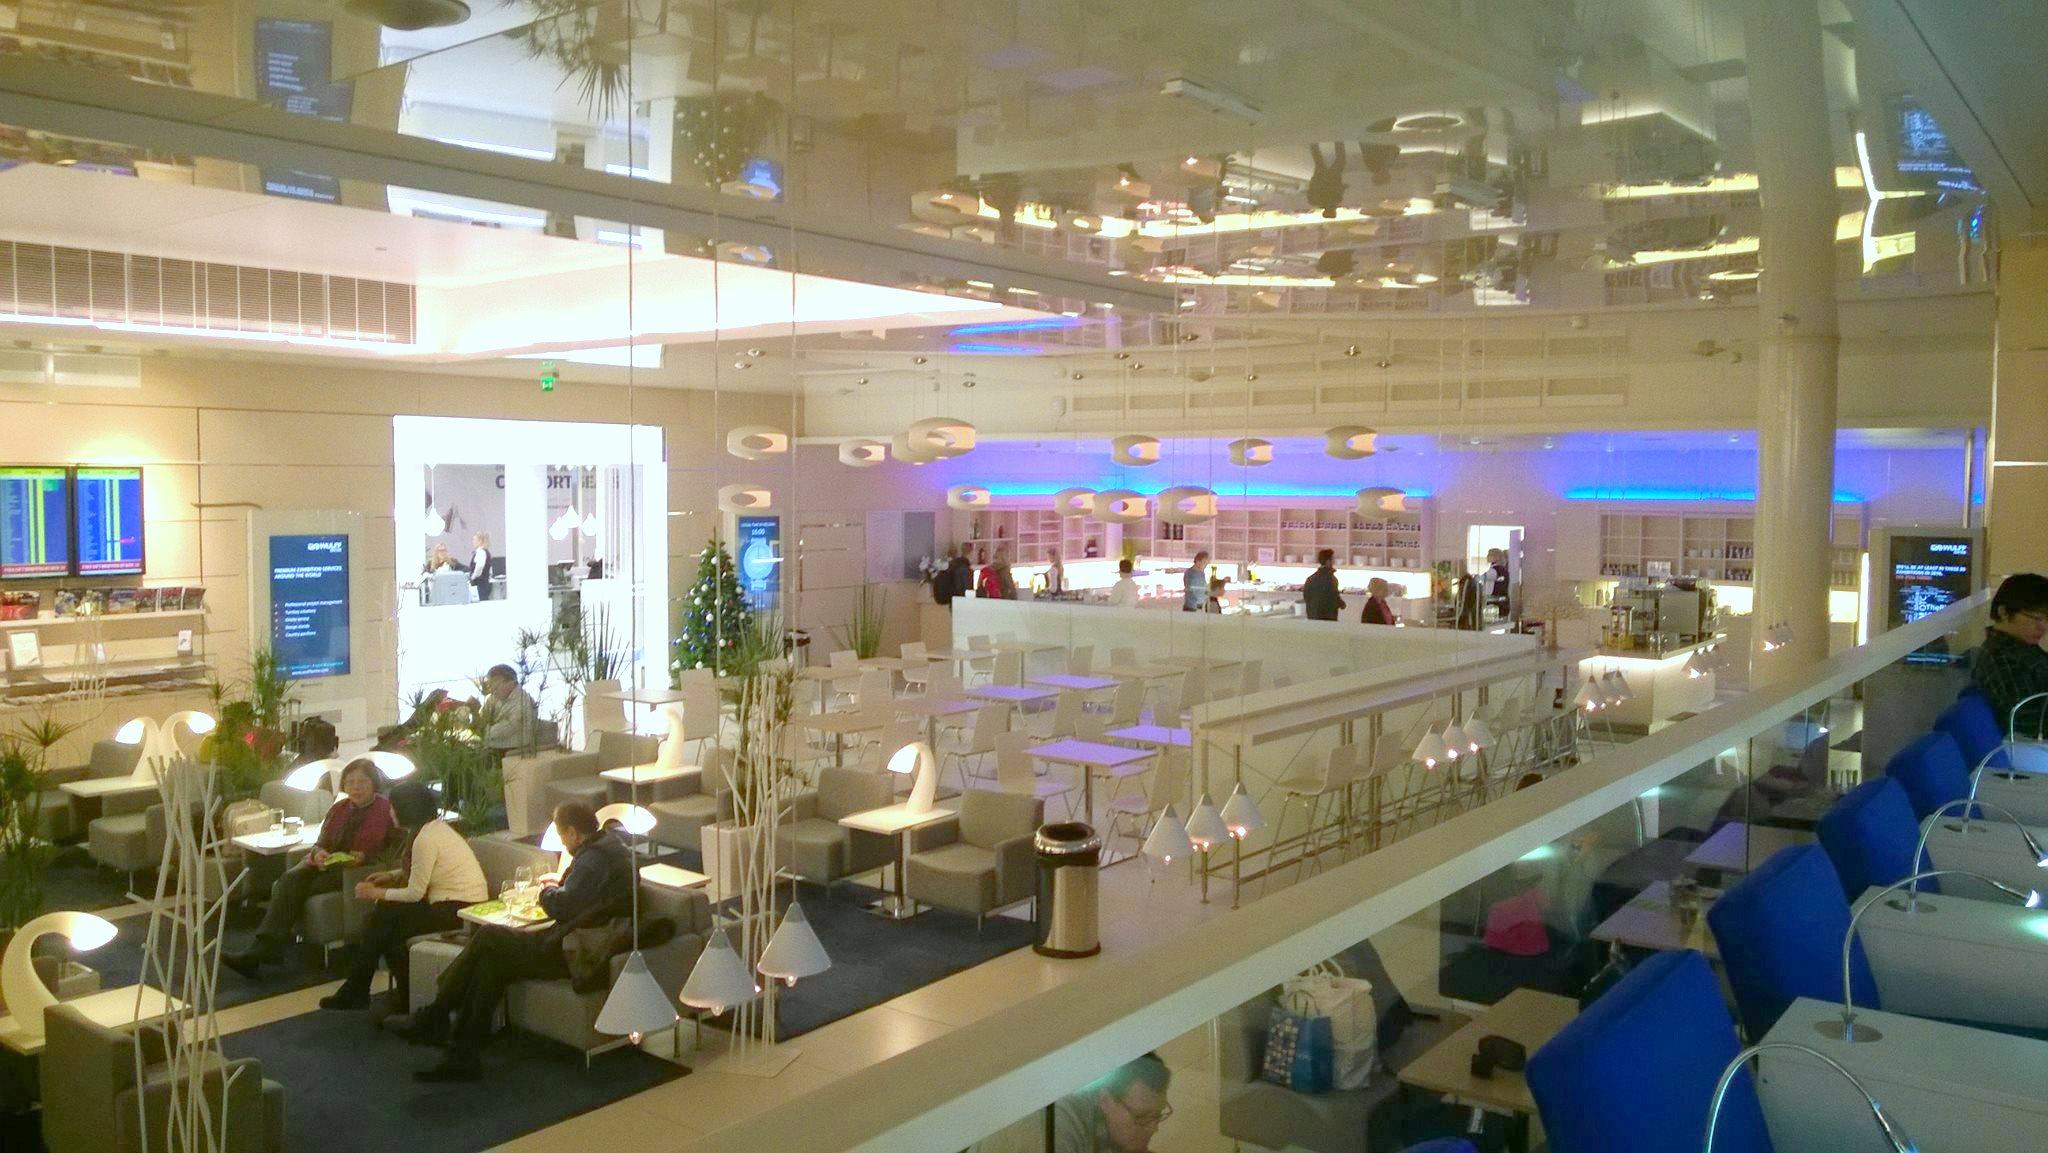 Finnair non-schengen lounge helsinki vantaa lentokenttä priority pass diners club